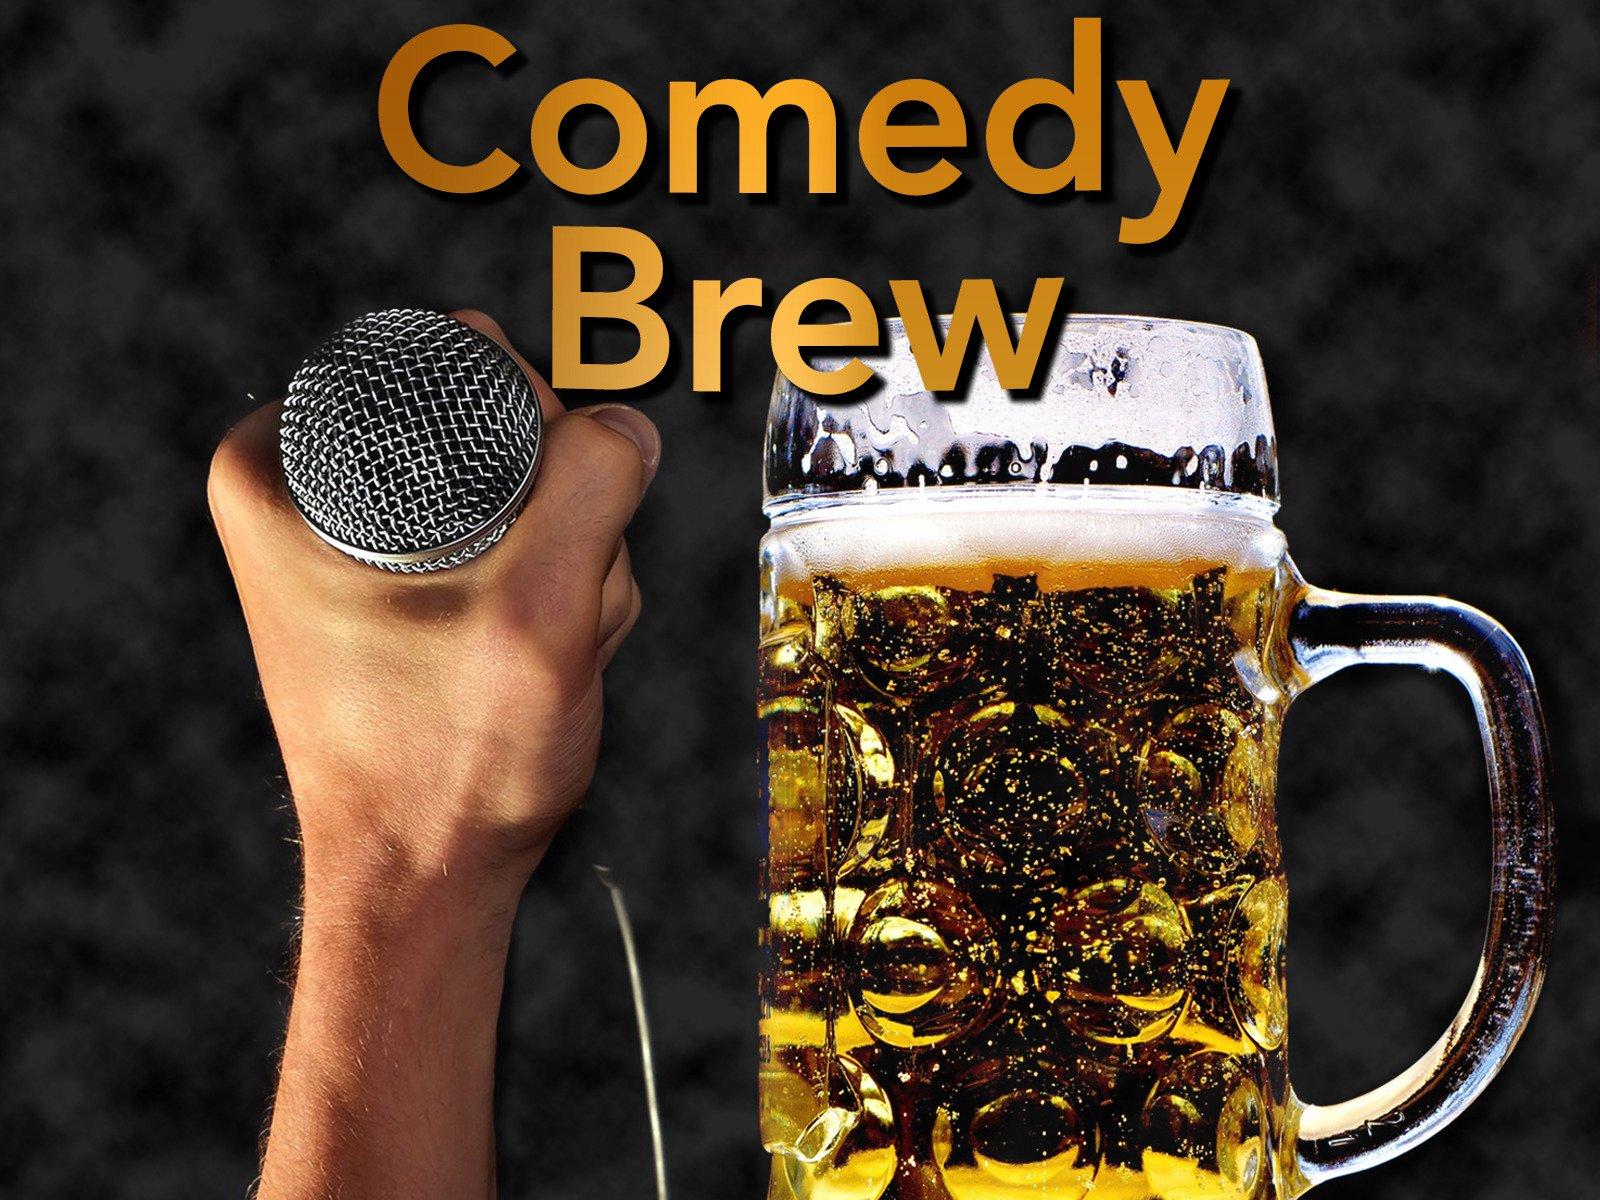 Comedy Brew